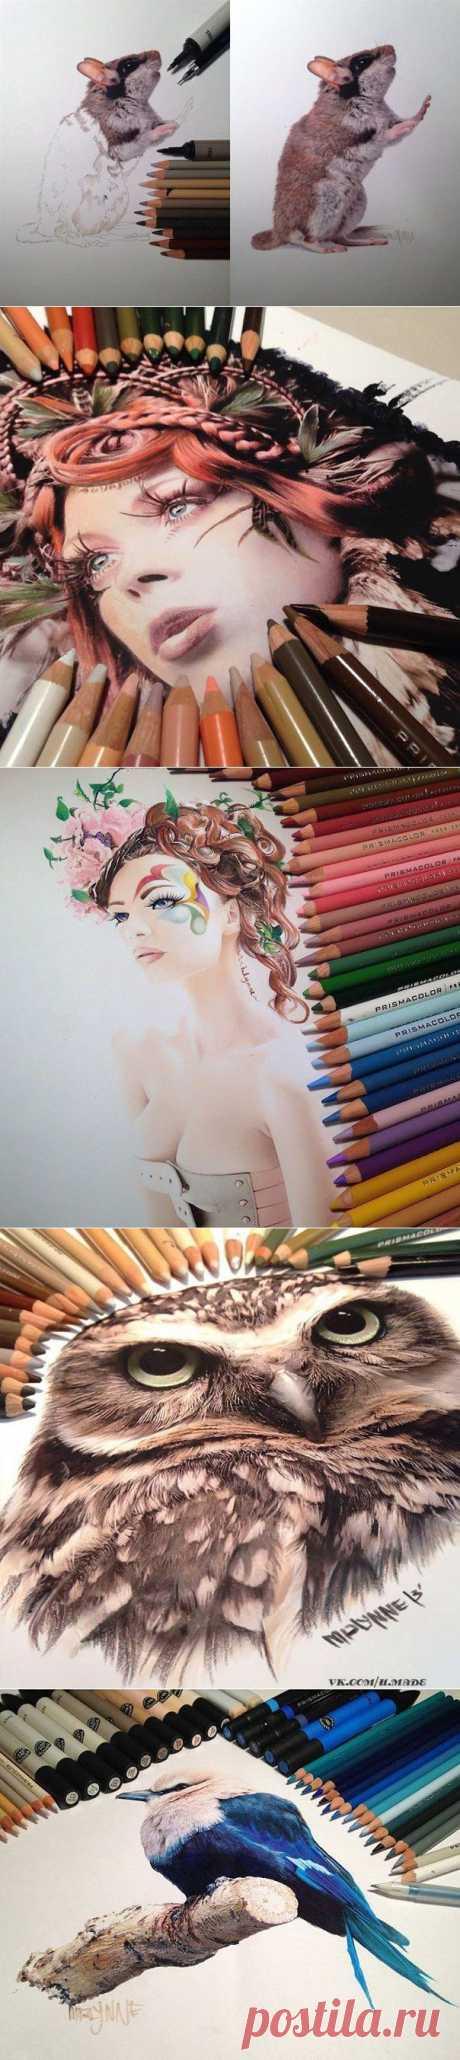 Рисунки в стиле гиперреализма от Karla Mialynne